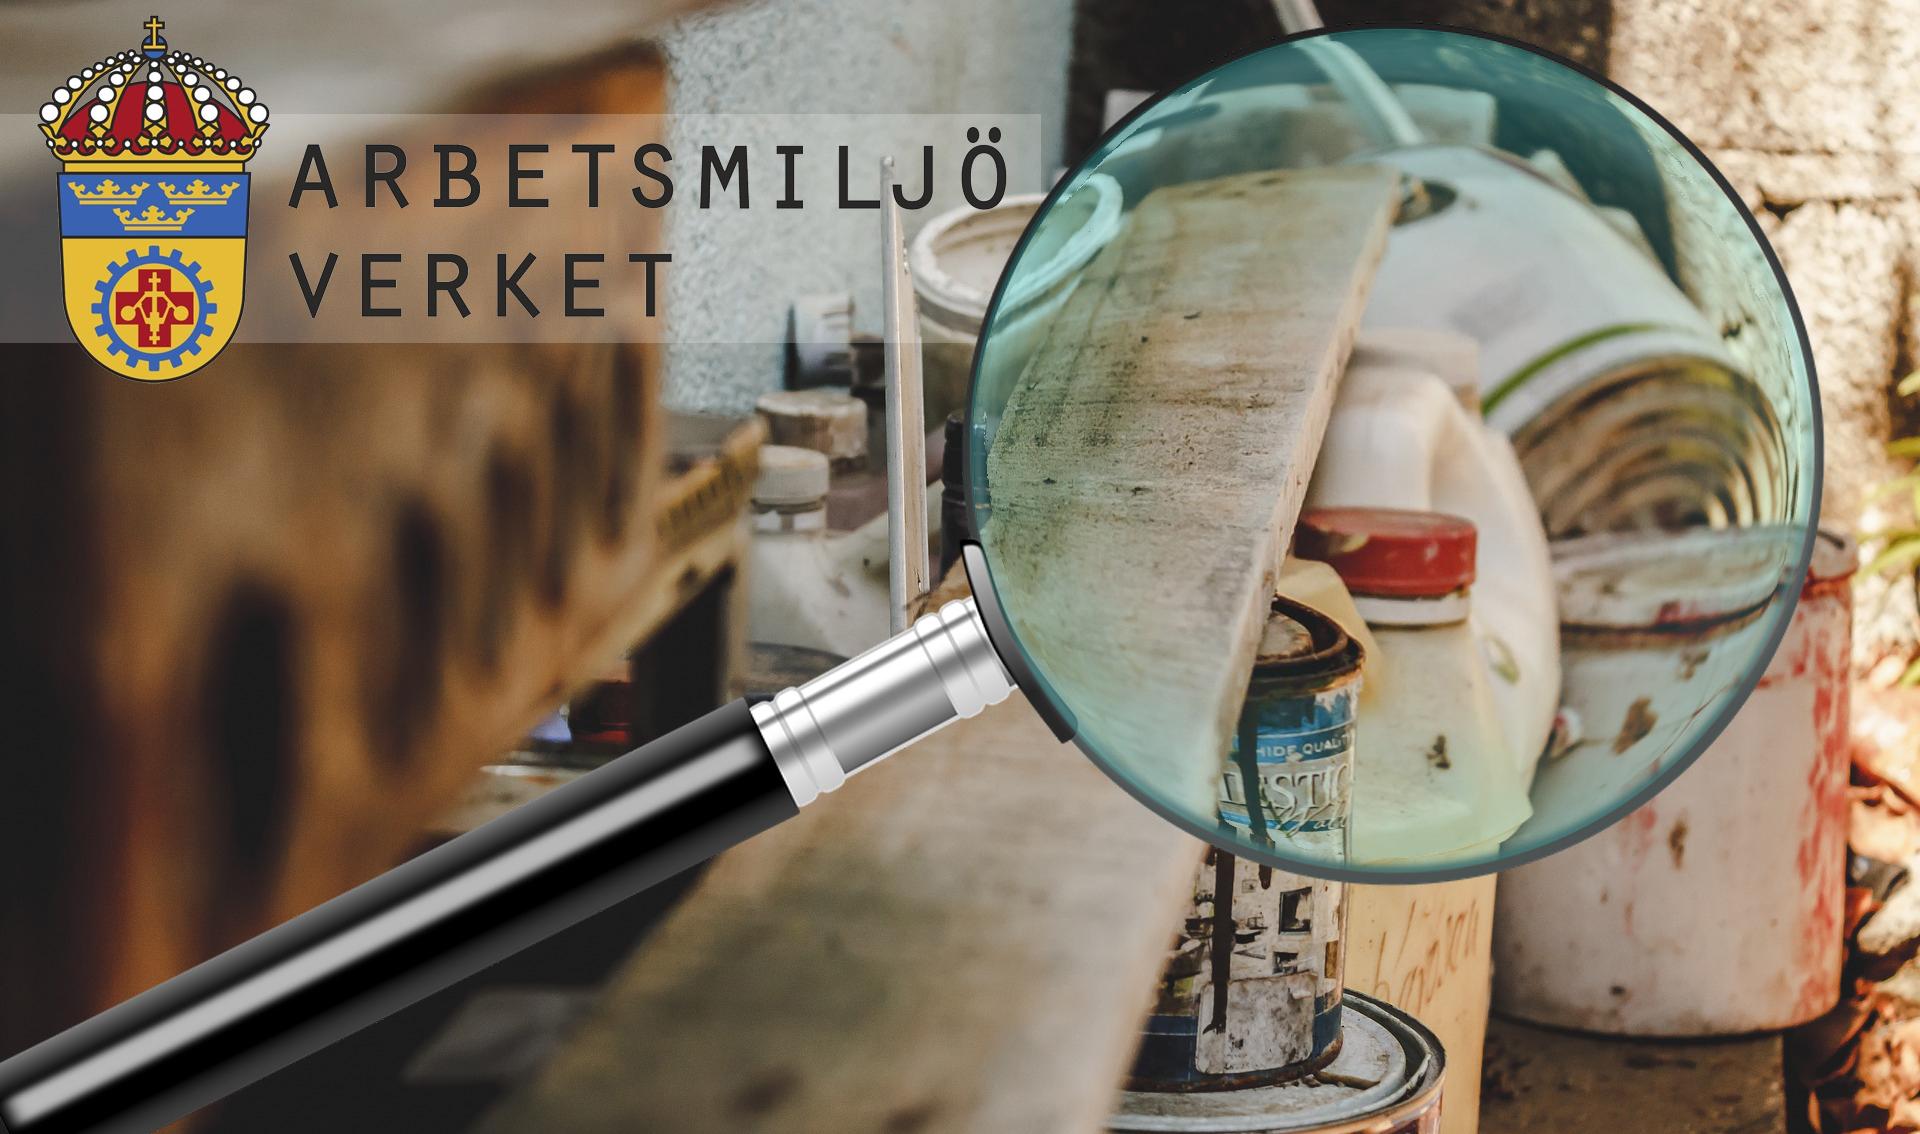 Bilden föreställer en trähylla med dunkar och färgburkar på. Monterat över bilden är ett förstoringsglas som förstorar en burk och en dunk. I hörnet ser man Arbetsmiljöverkets logotyp.